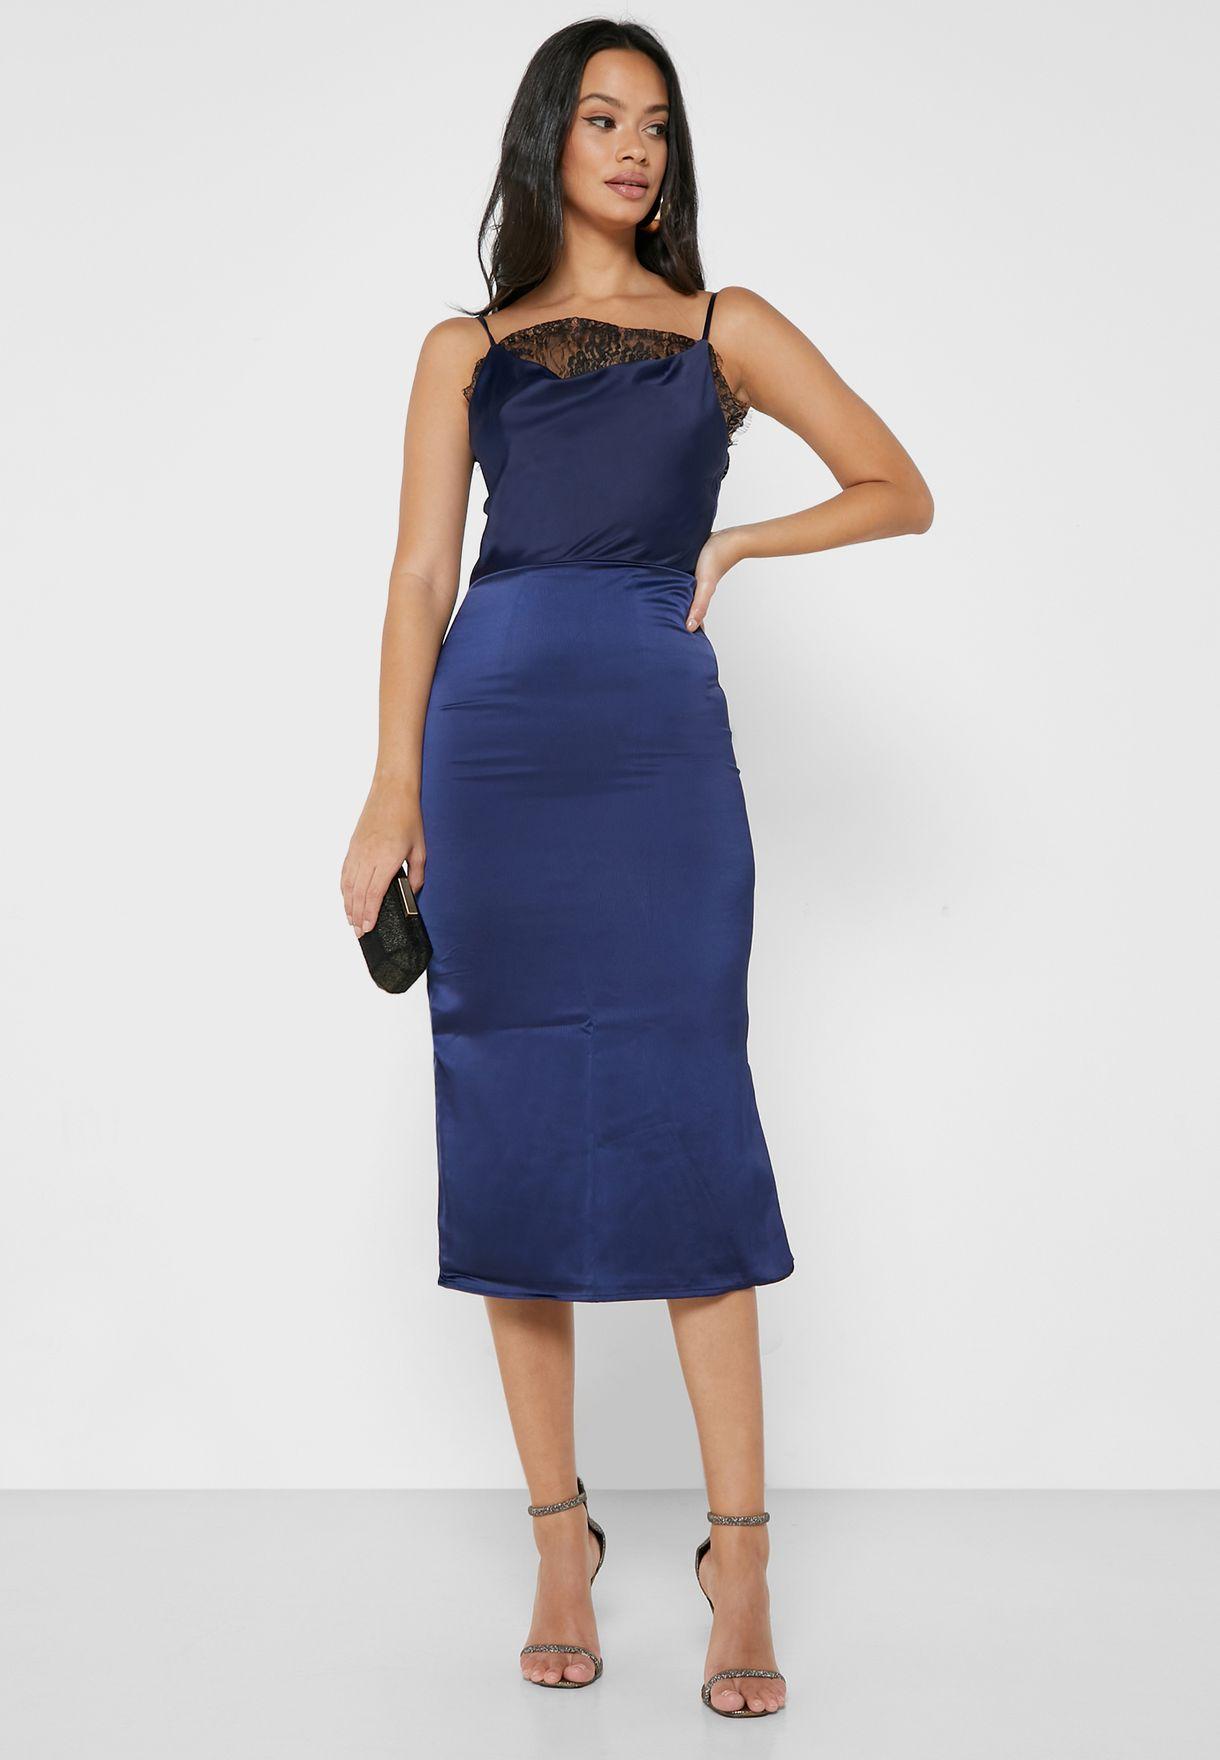 Lace Detail Side Split Dress